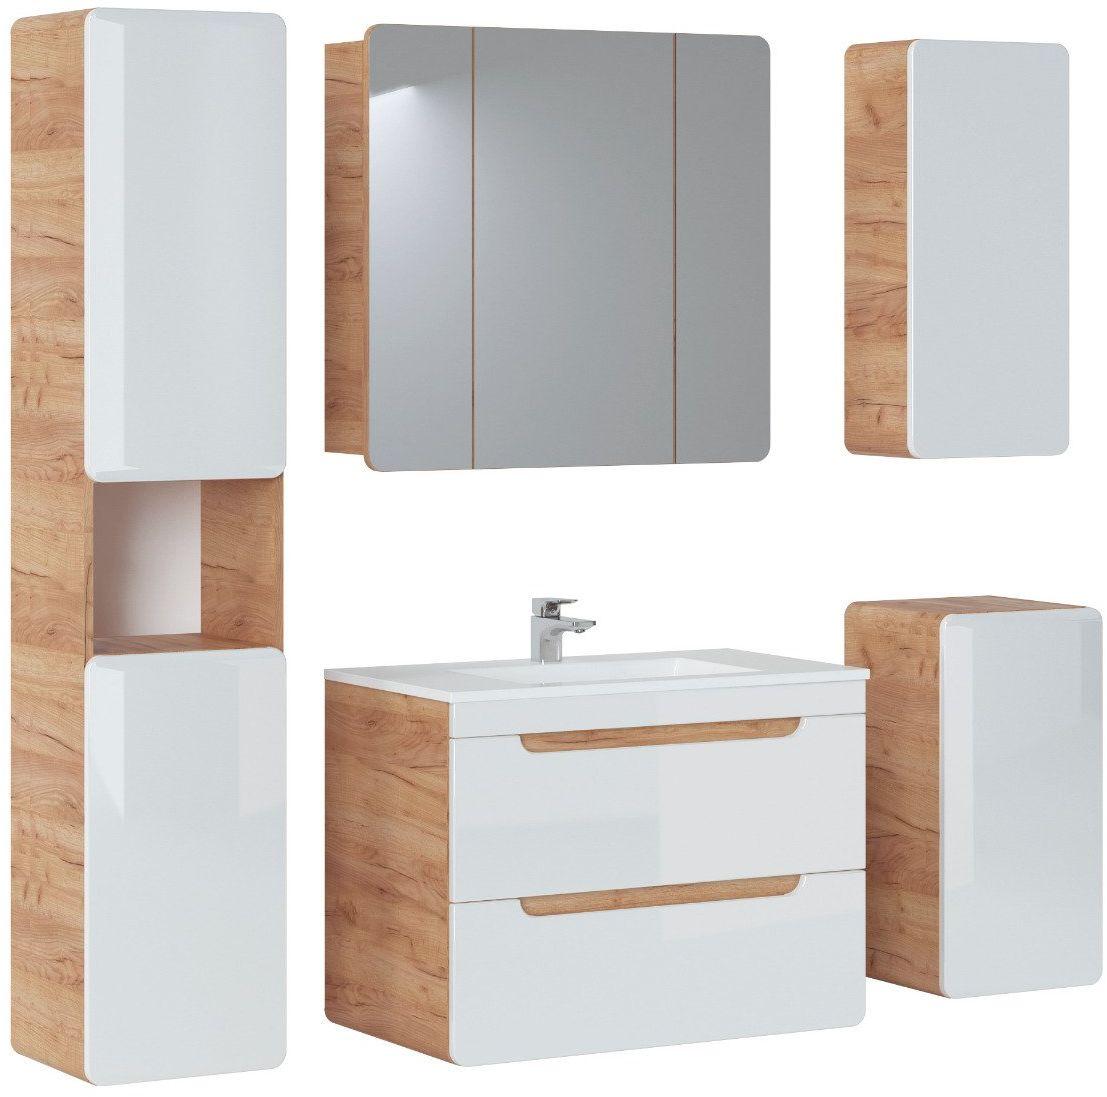 Szafka łazienkowa ARUBA 843 dąb z lustrem  Kupuj w Sprawdzonych sklepach